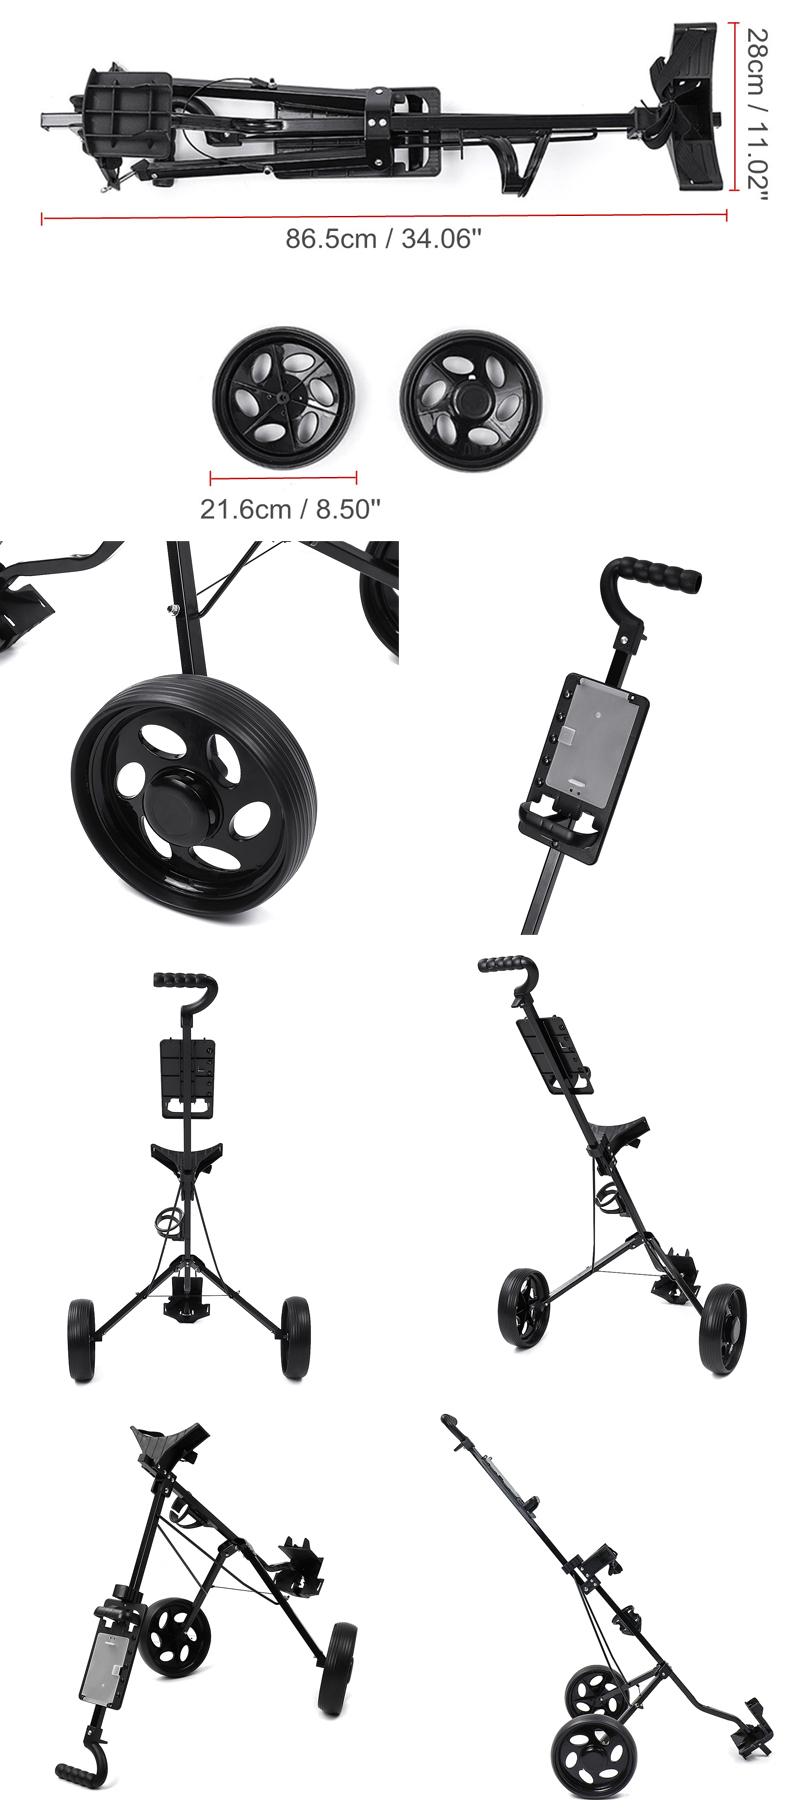 2 Wheel Golf Push Cart Outdoor Foldable Golf Trailer Aluminum Golf Carrier Golf Trolley Sport Equipment